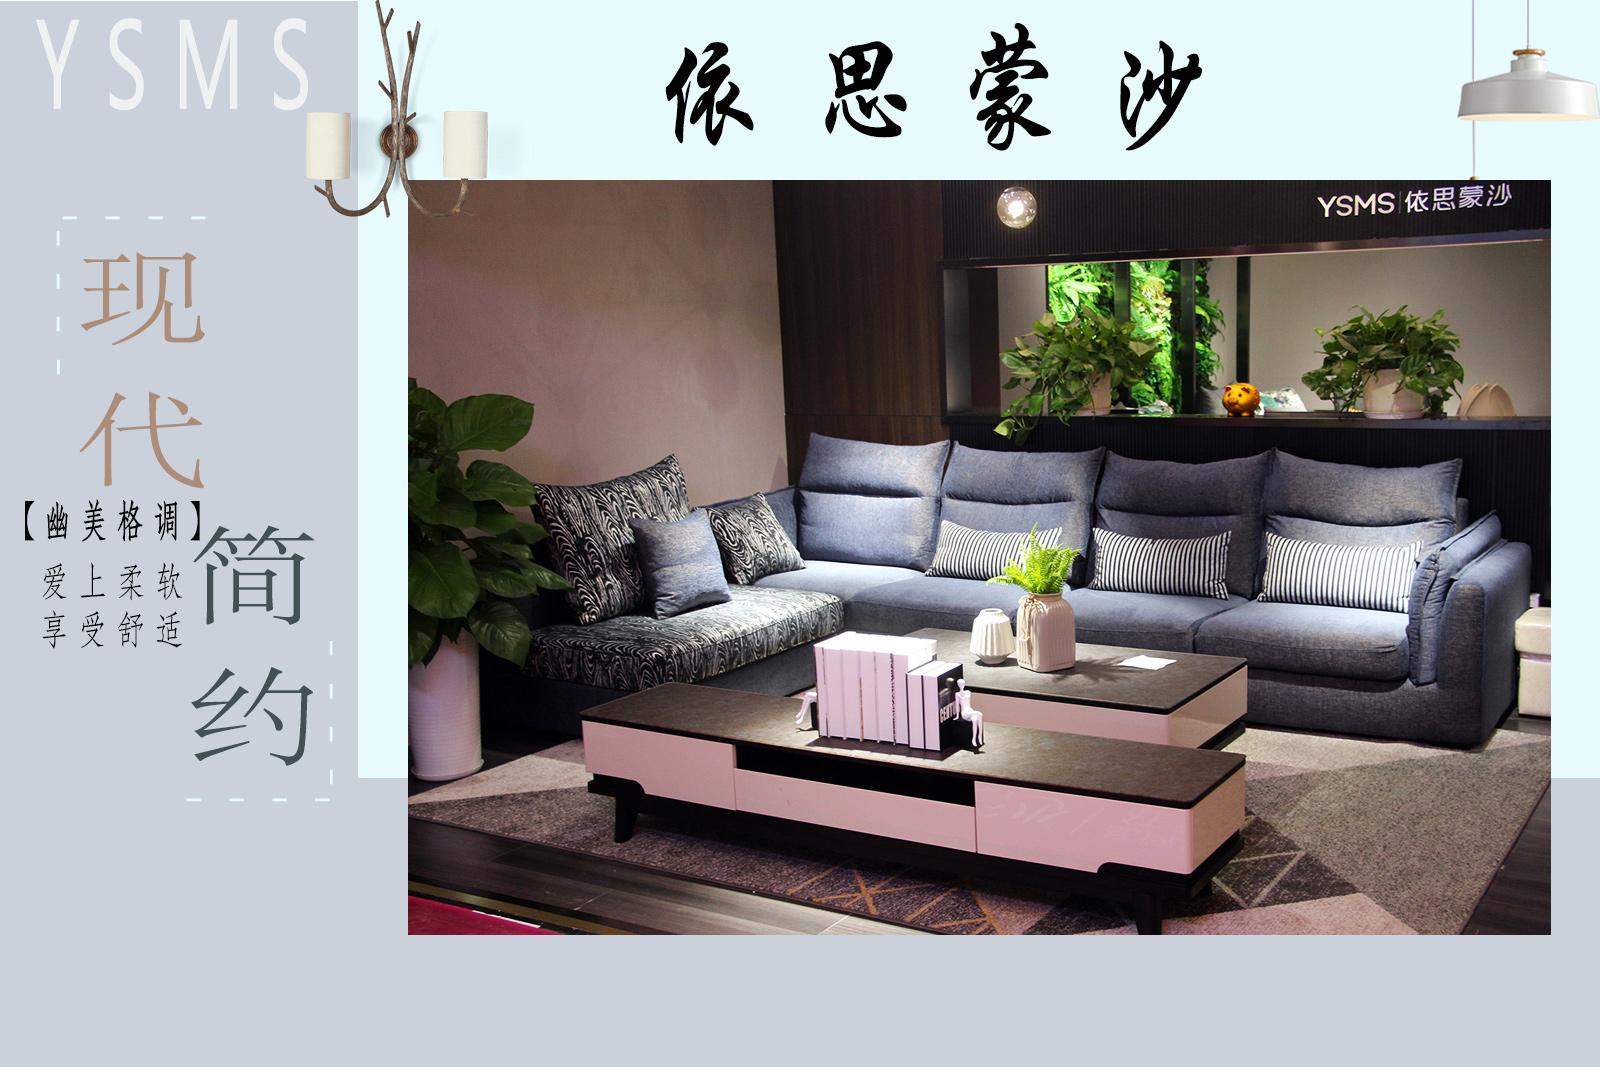 依思蒙沙简约沙发品质之选 居家必备